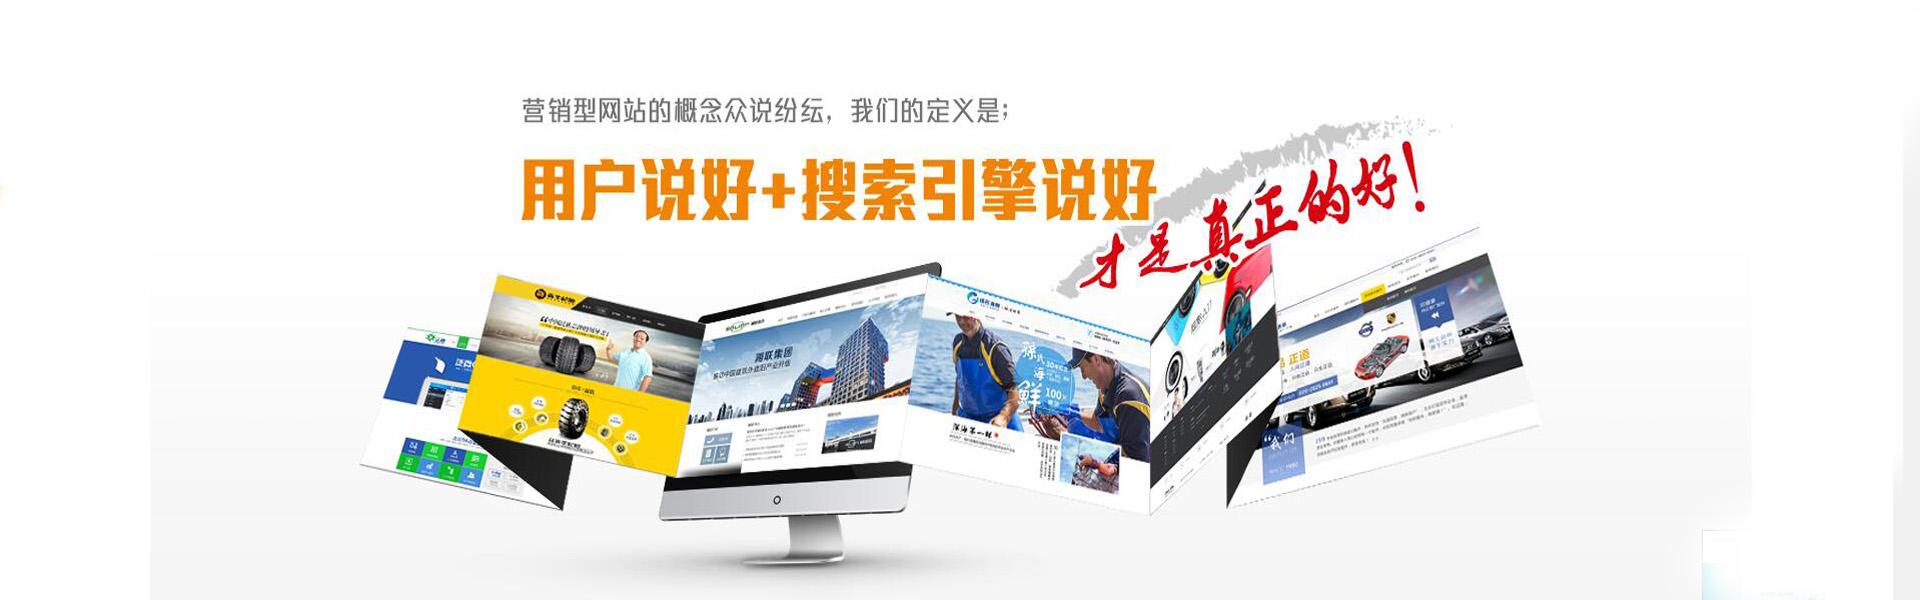 昆山网站优化